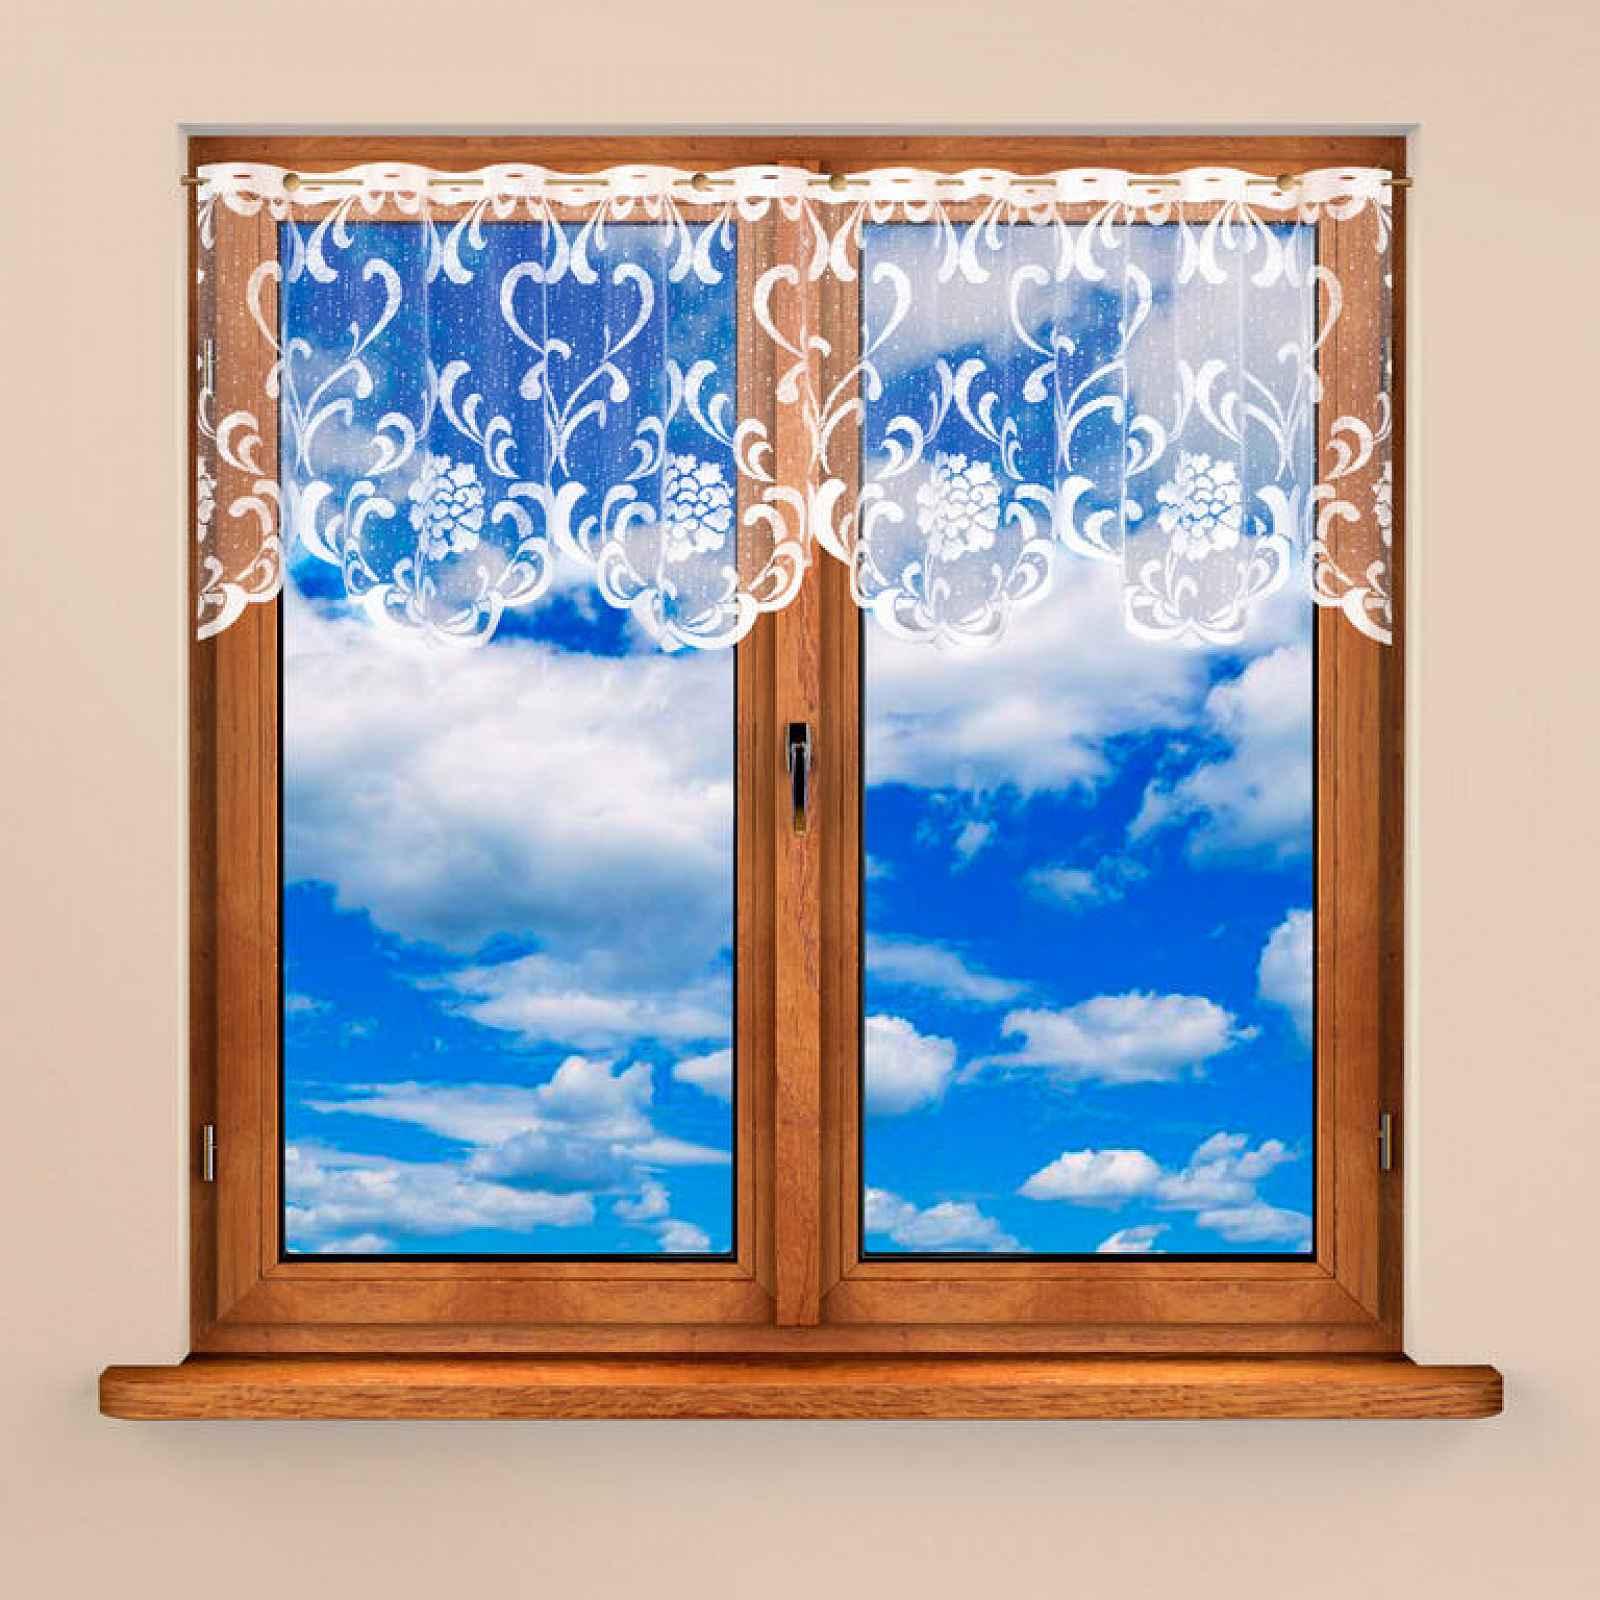 Vitrážková záclona NINA 60 x 300 cm